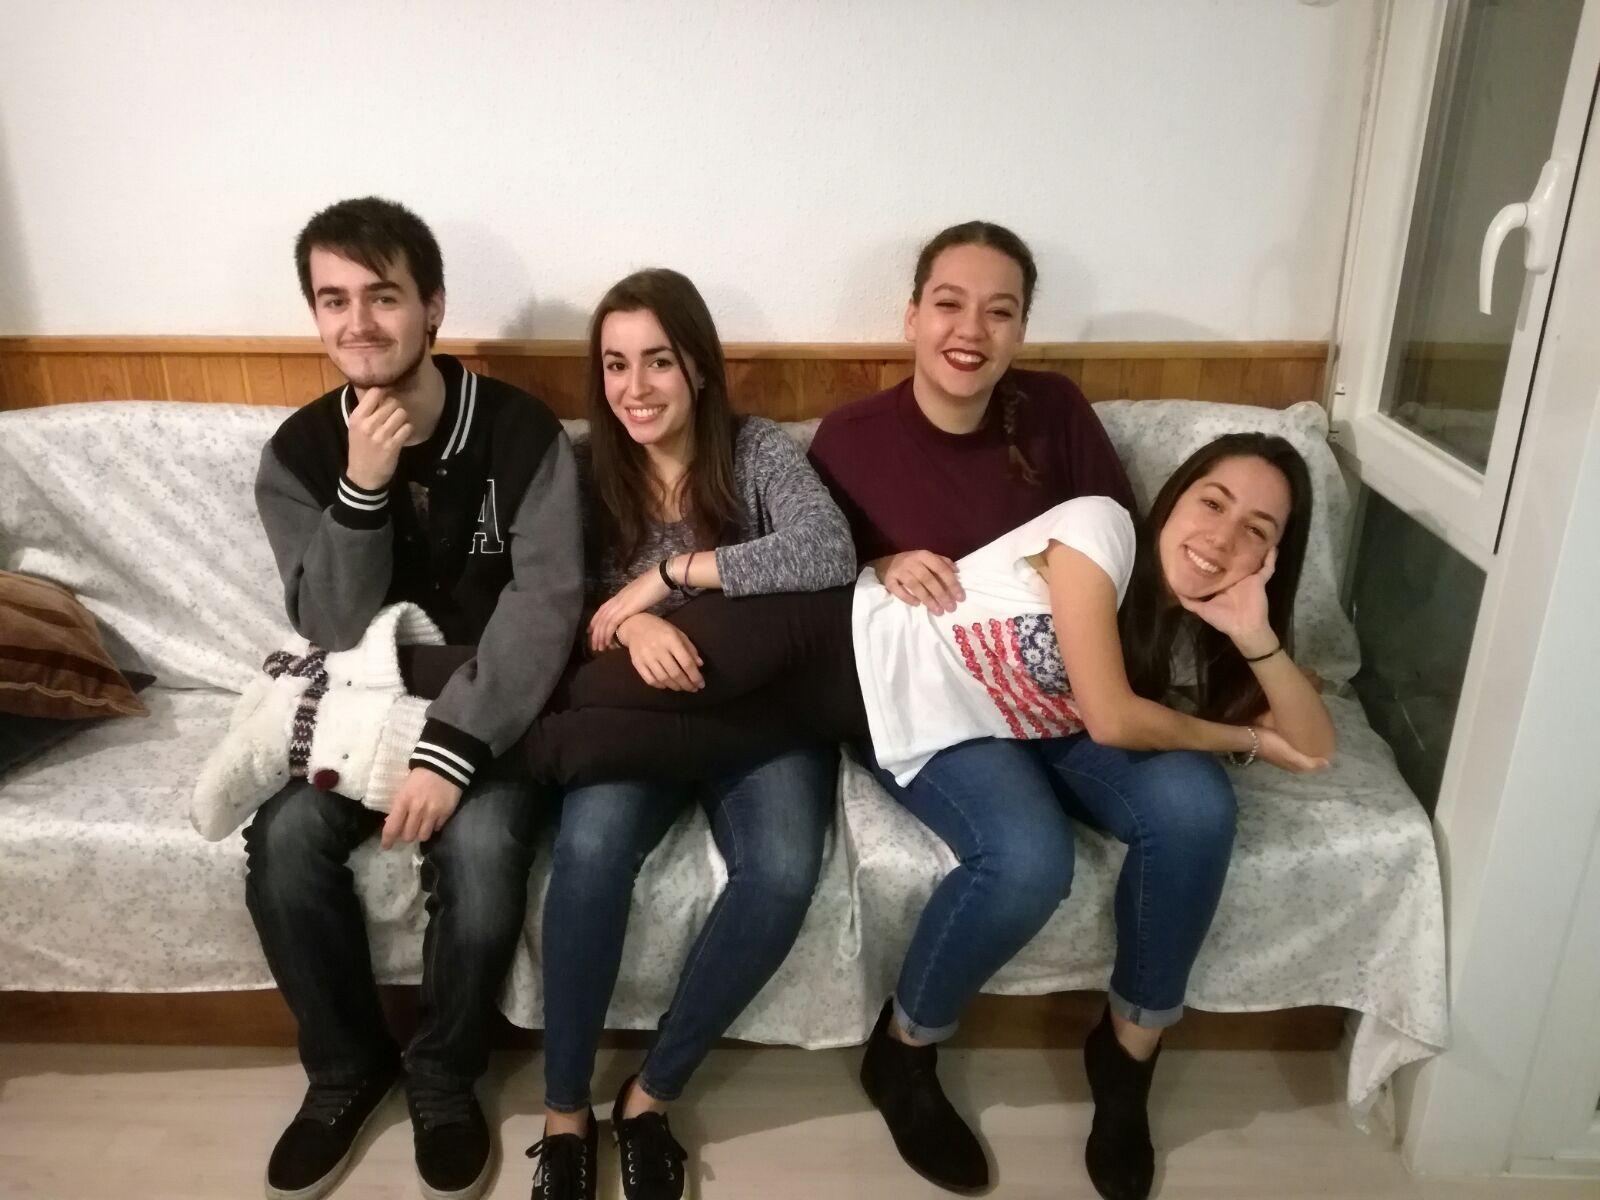 Adrián Marinero, Amalia González, Sara Bello and Ana López.